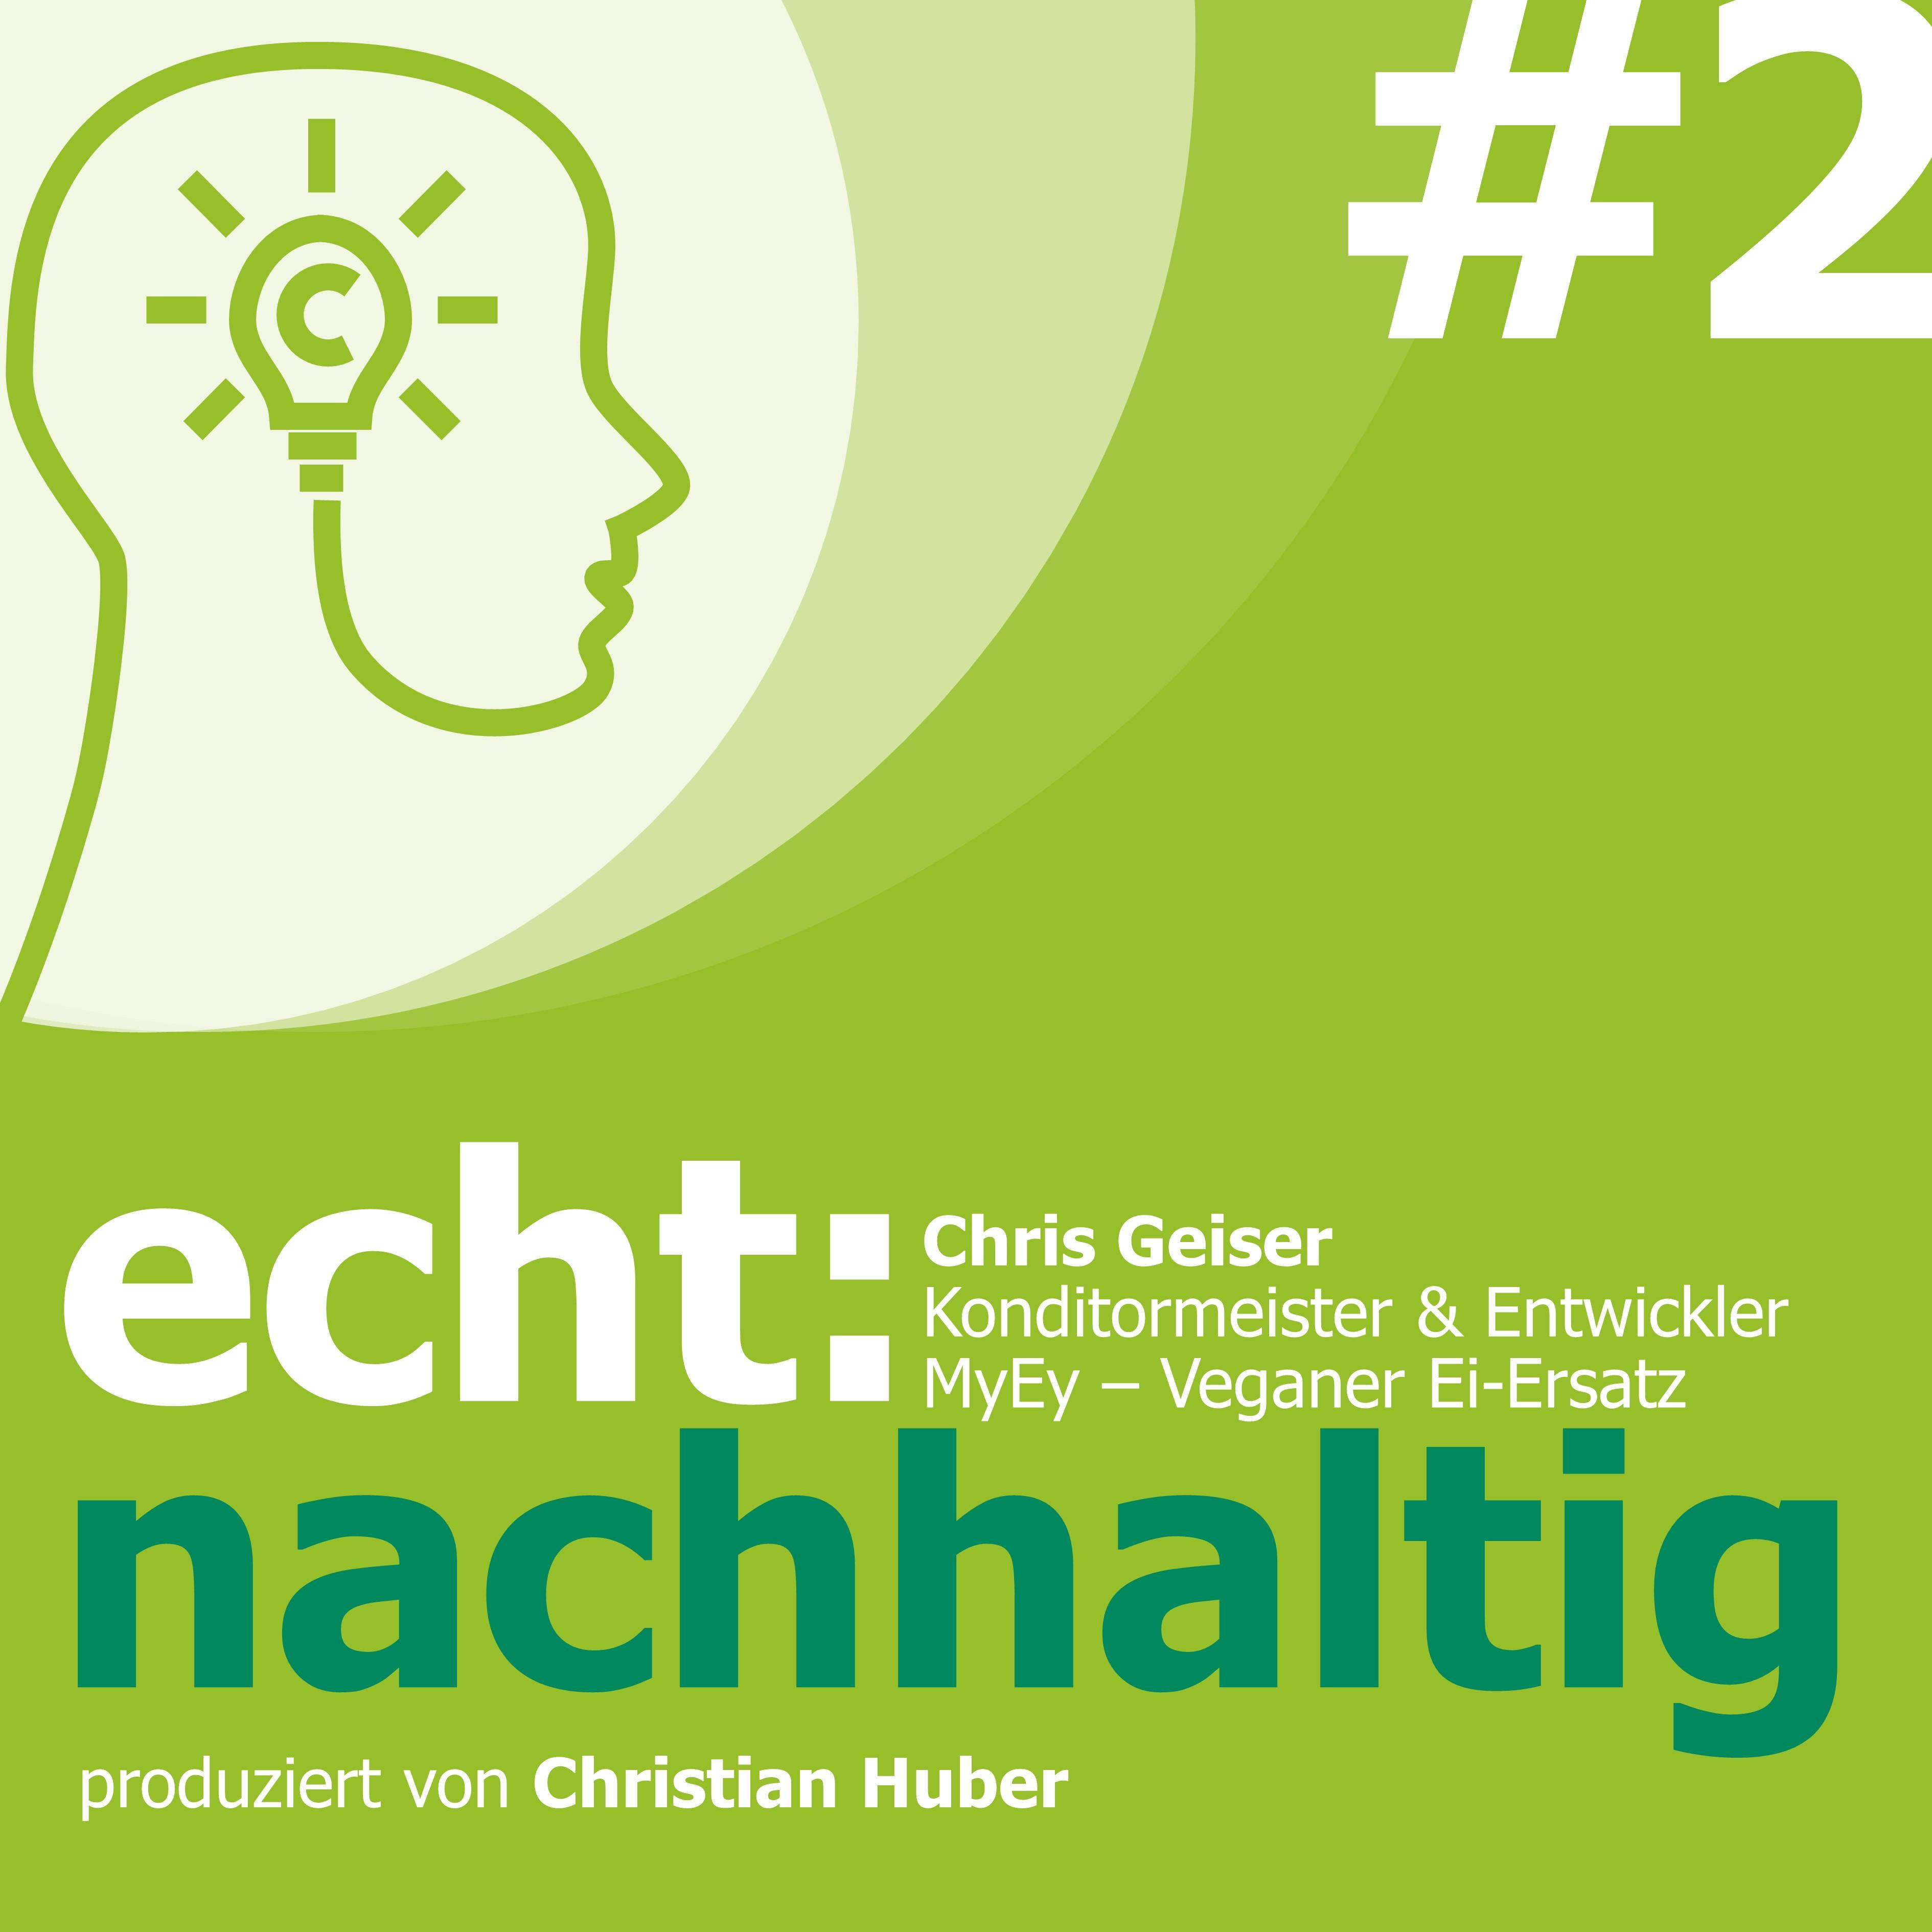 Episode 2 - von der Idee zum Produkt : MyEy - veganer Ei-Ersatz. Christian Huber im Gespräch mit Chris Geiser